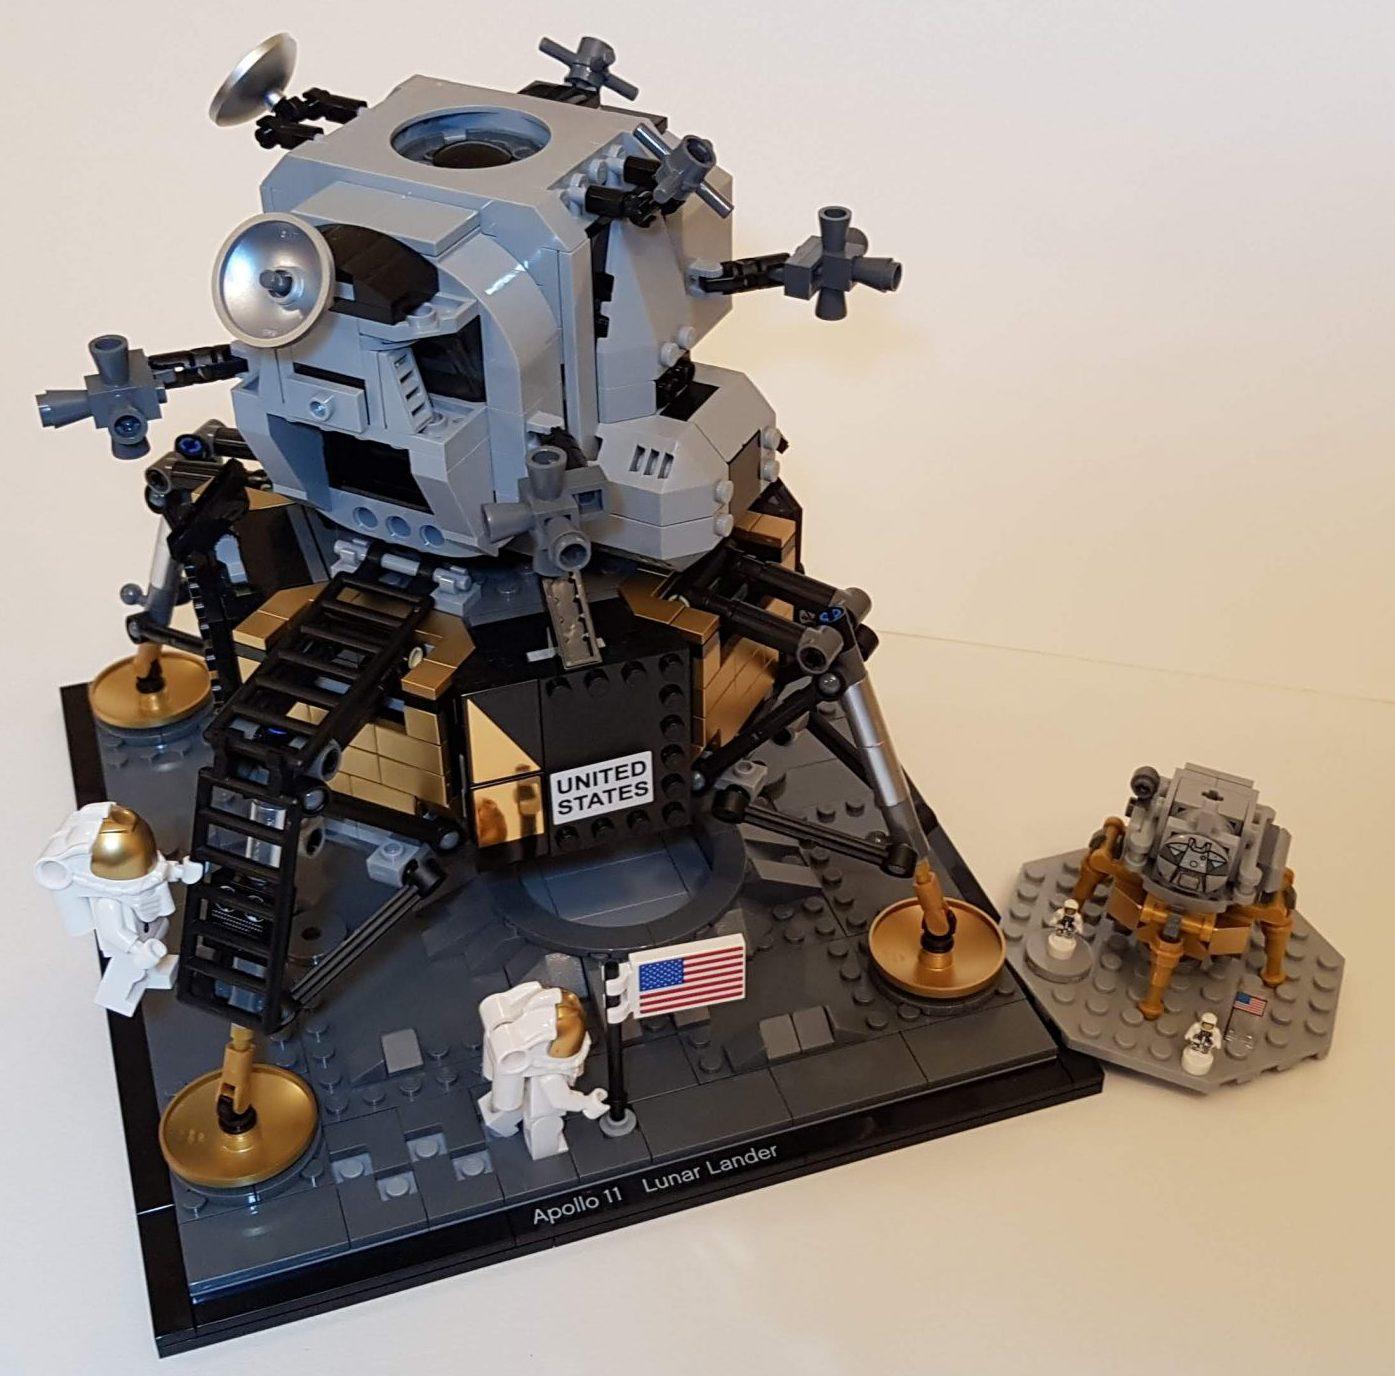 NASA Apollo 11 Lunar Lander (LEGO 10266) Compared NASA Apollo Saturn V Lunar Lander (LEGO 21309) - Built By Wright Built